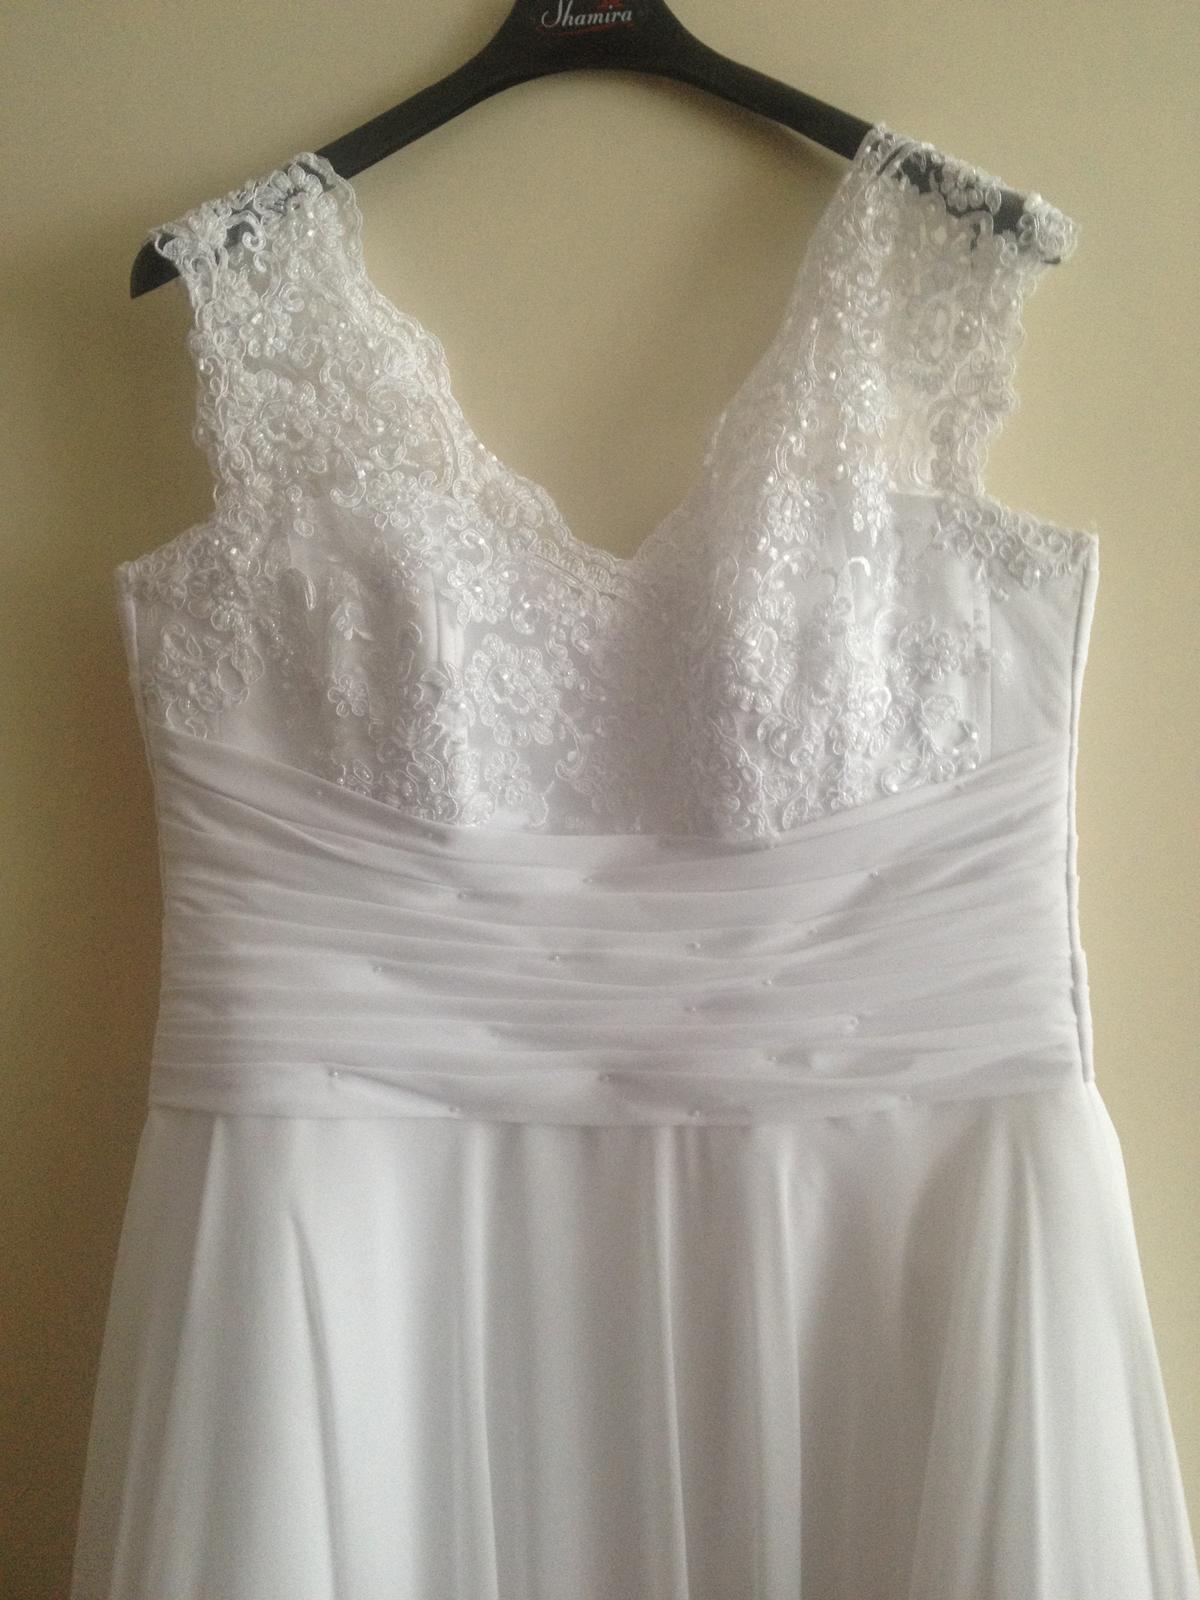 Biele svadobné šaty + bolerko a závoj - Obrázok č. 2